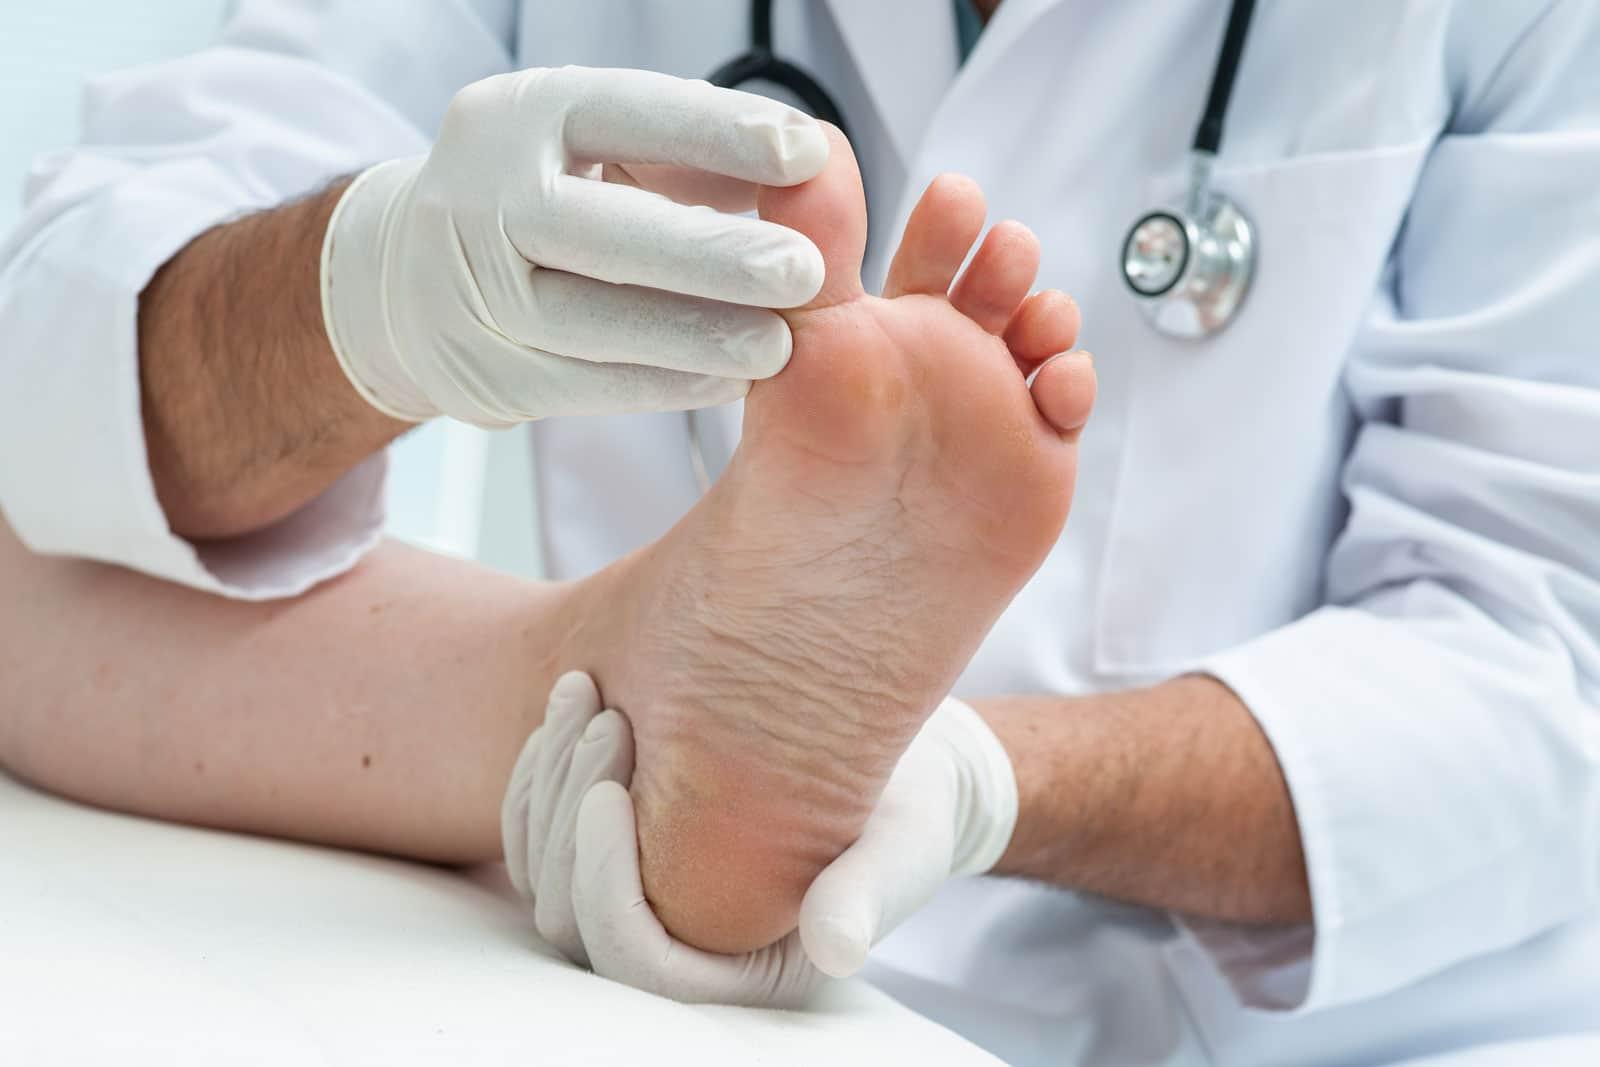 Tinia-pedis-or-Athlete's-foot-508912041_6048x4032